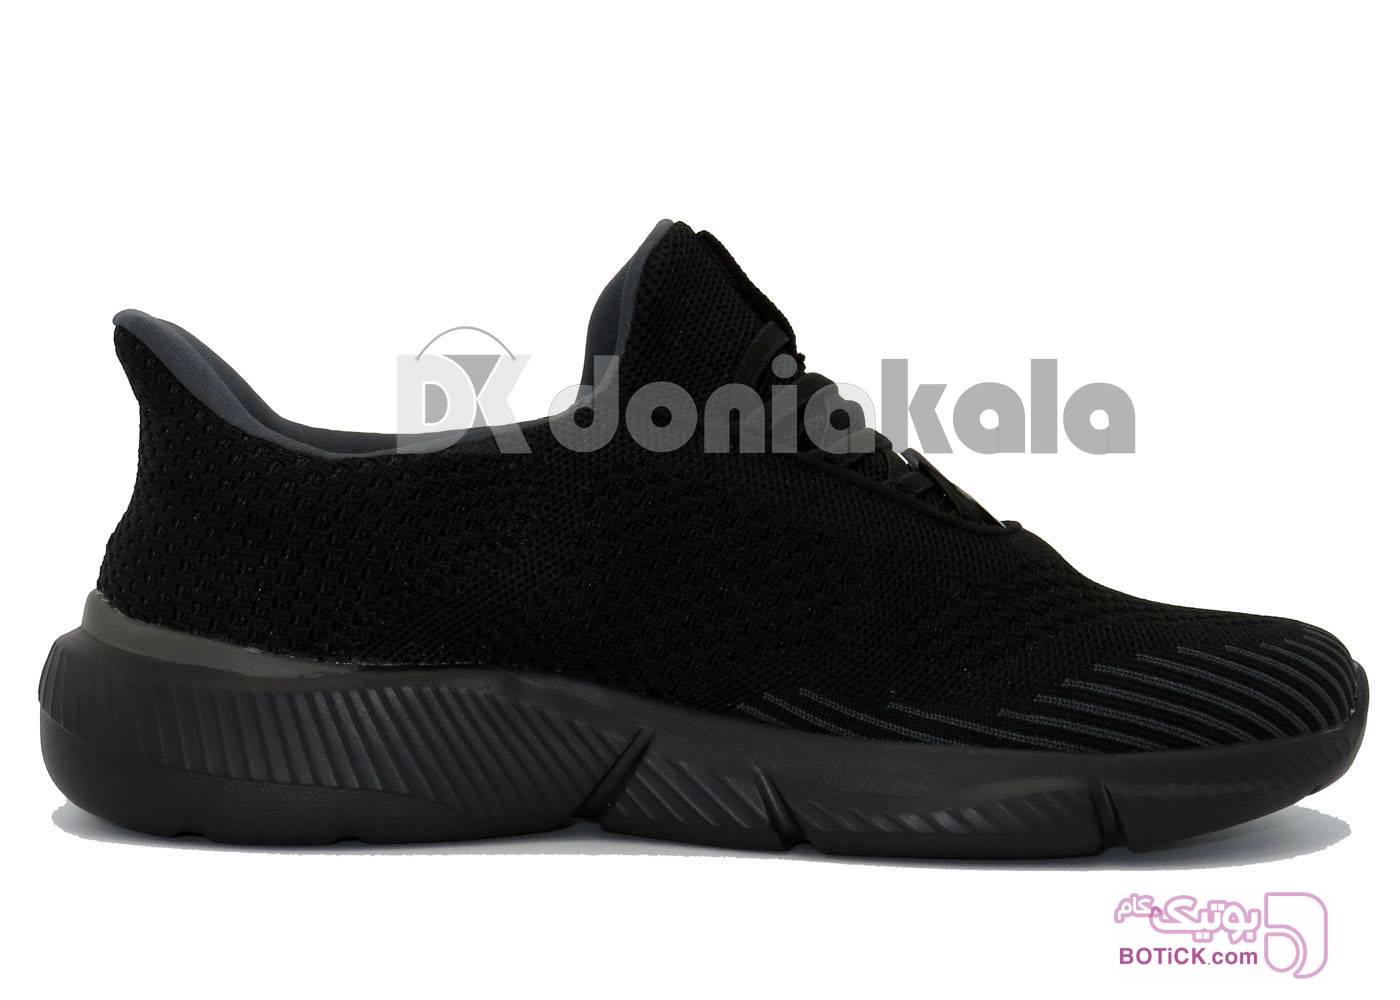 کفش و کتونی اسپرت مردانه مخصوص پیاده روی مدل اسکیچرس skechers 26-105-5-18 مشکی كتانی مردانه